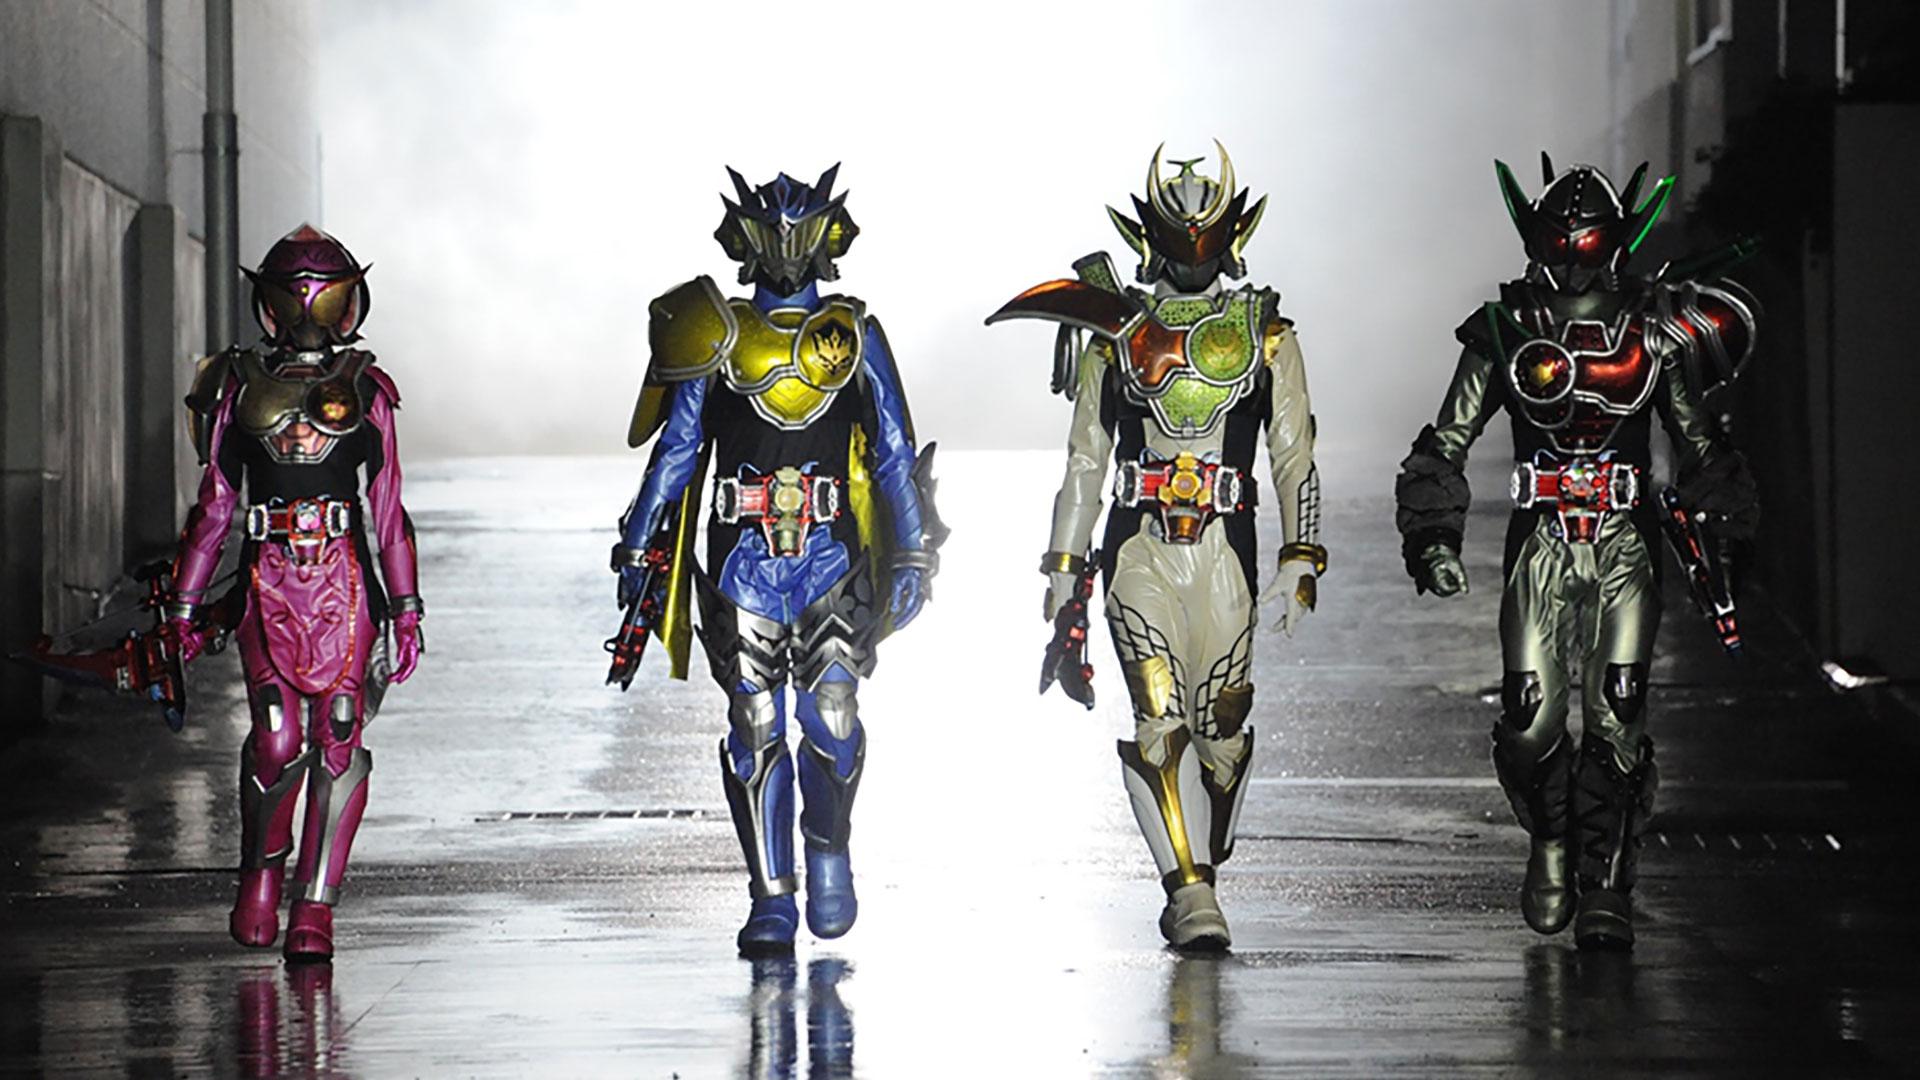 鎧武/ガイム外伝 仮面ライダーデューク/仮面ライダーナックル